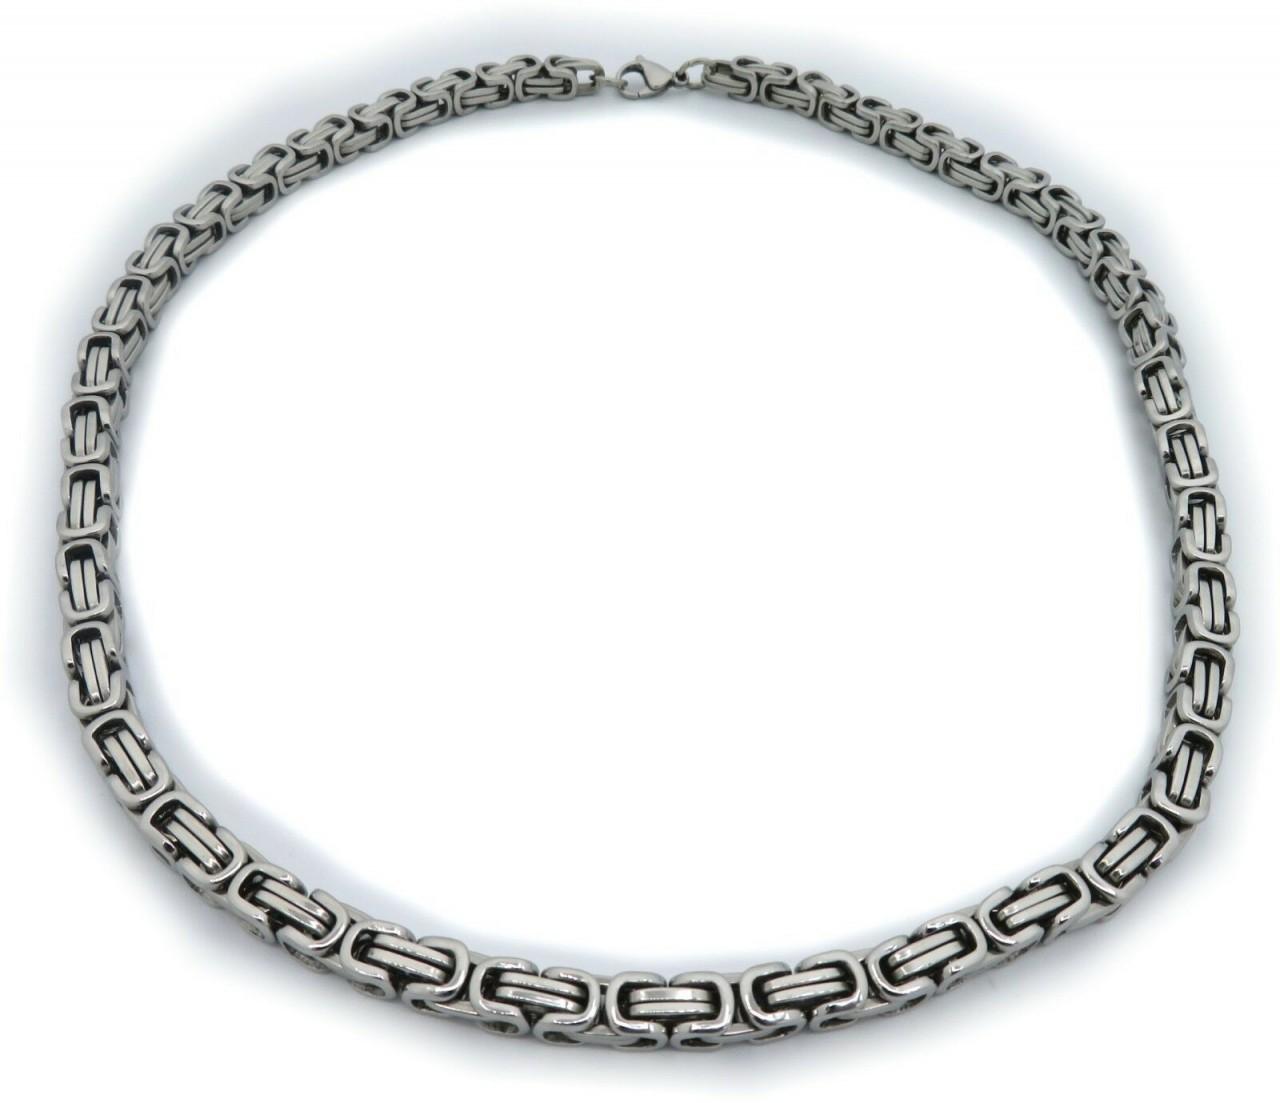 Neu schwere Halskette XL Edelstahl Kette 55 cm Königskette Top Qualität Herren